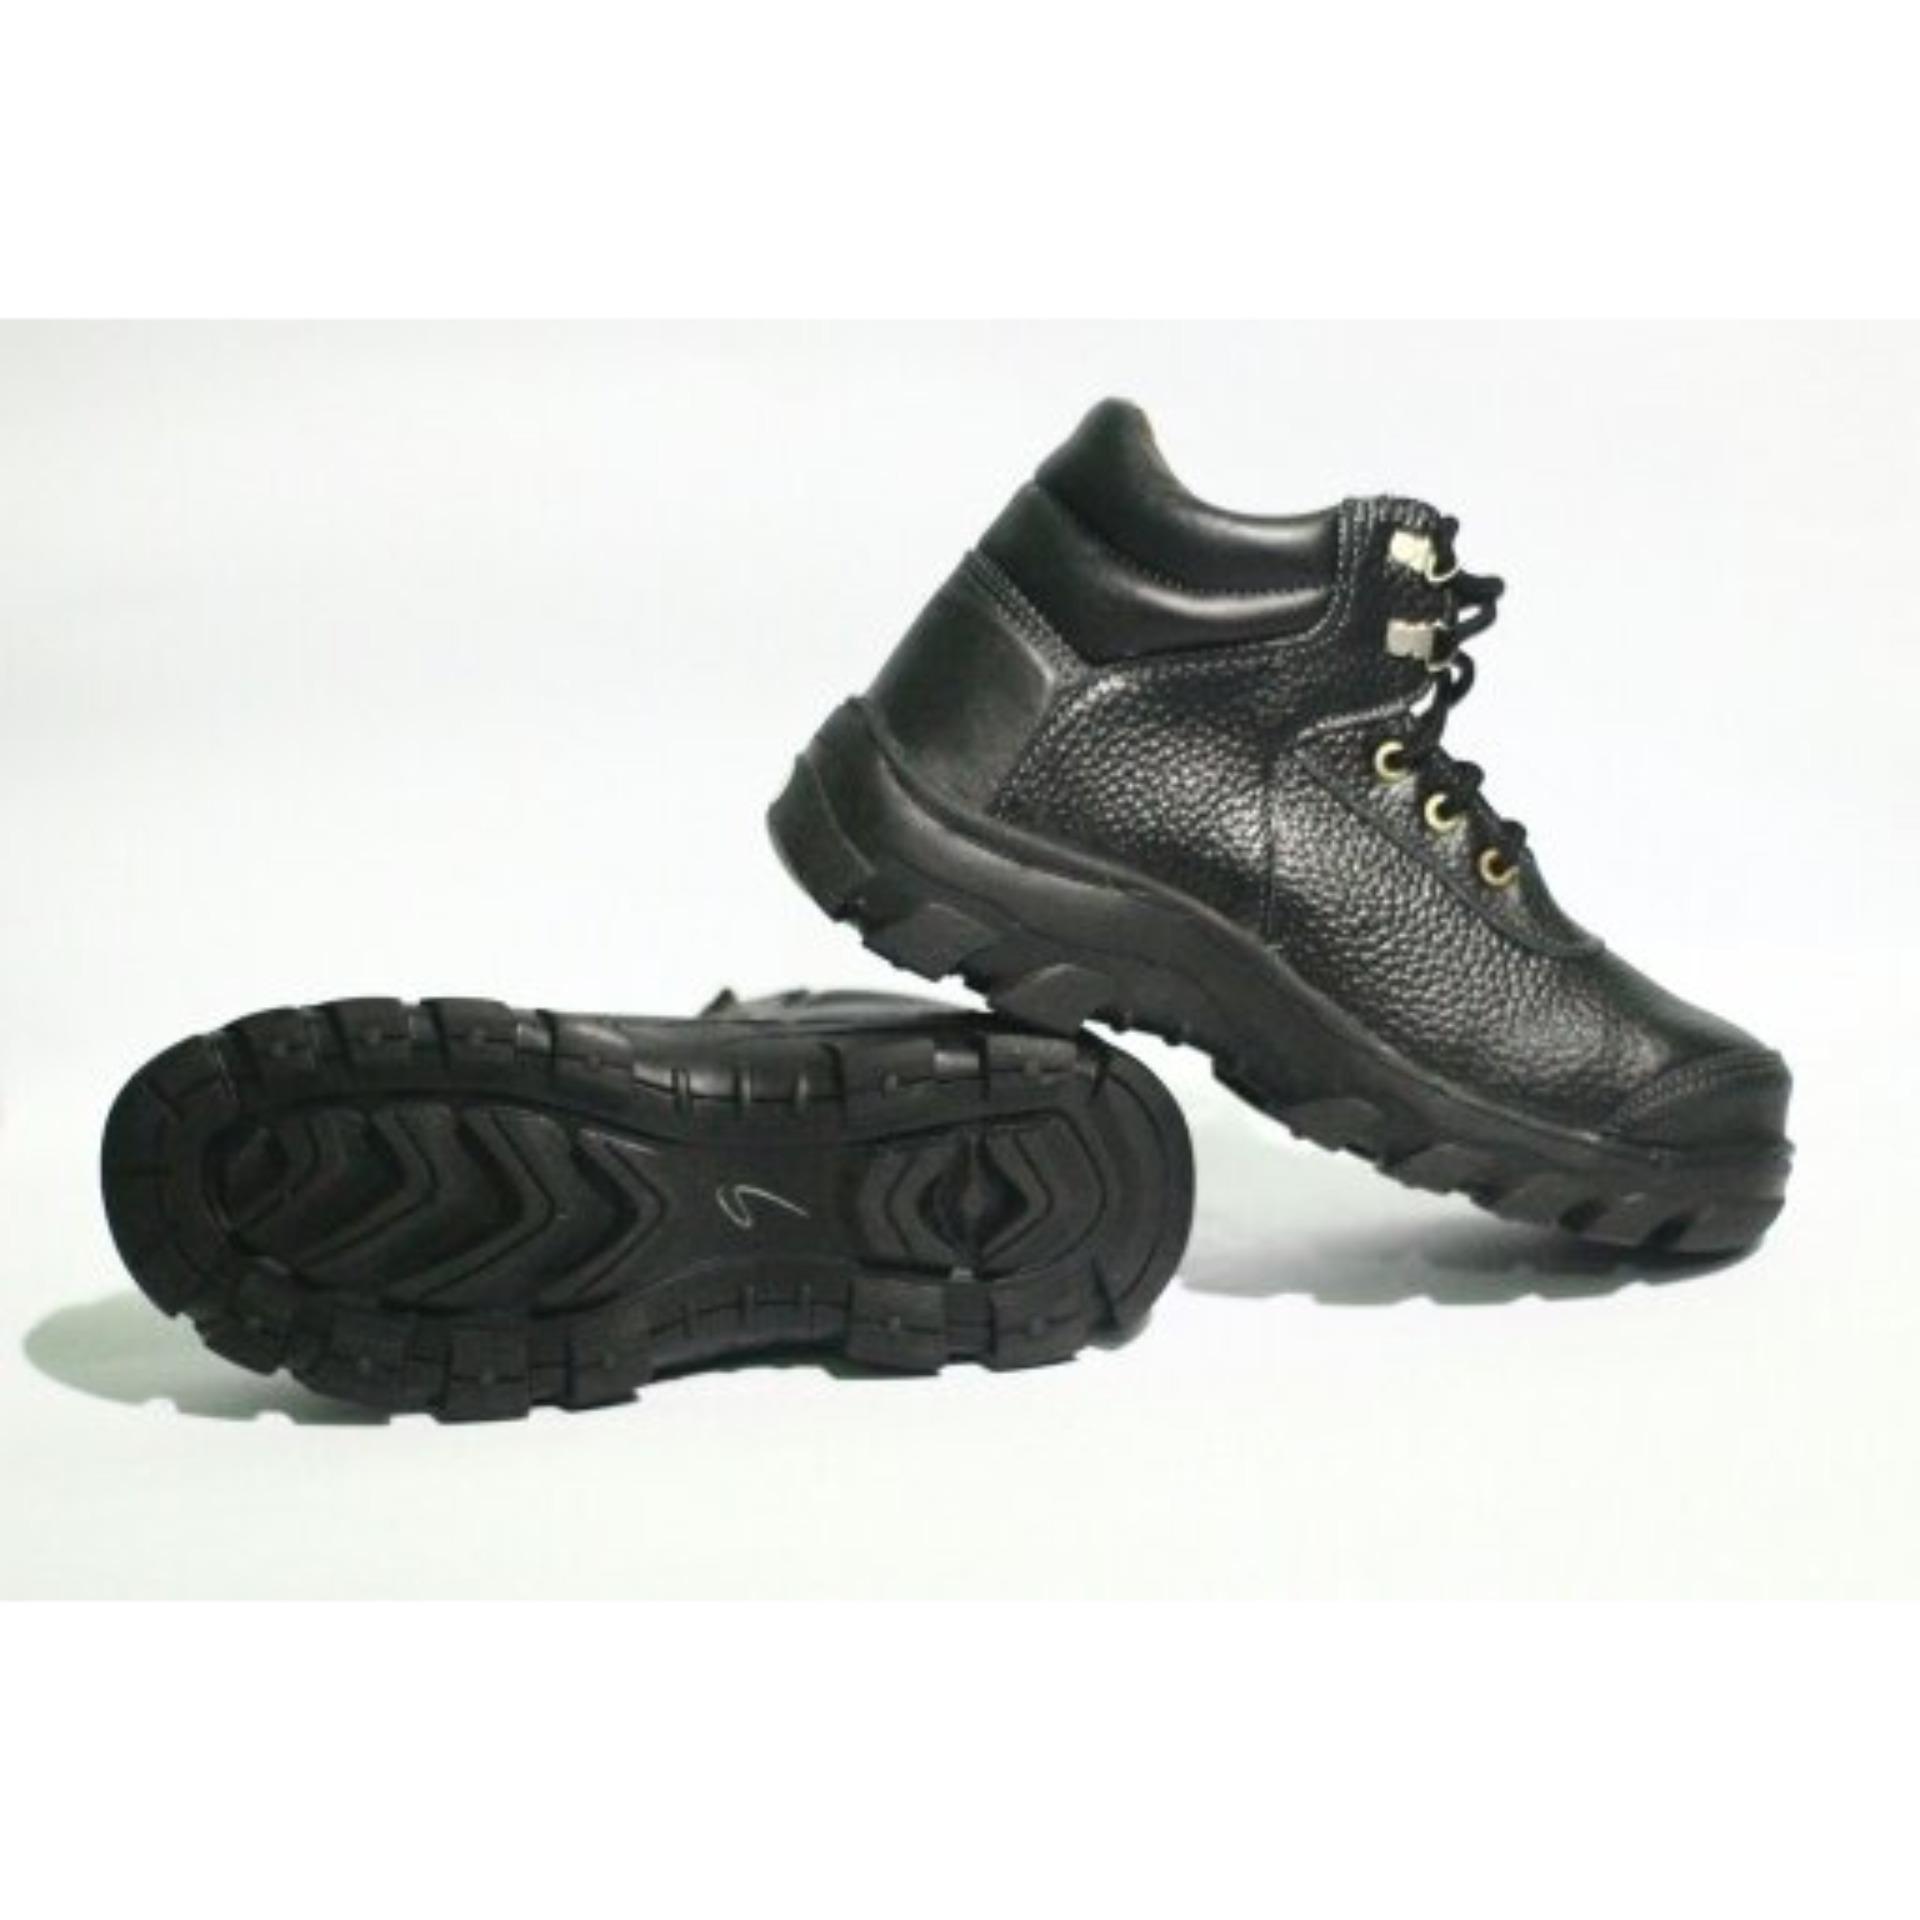 Bsm Soga Sepatu Boot Kulit Asli Pdl Pdh Touring Bikers Outdoor 275 Formal Boots Kerja Pria Elegan Hitam Source Gambar Produk